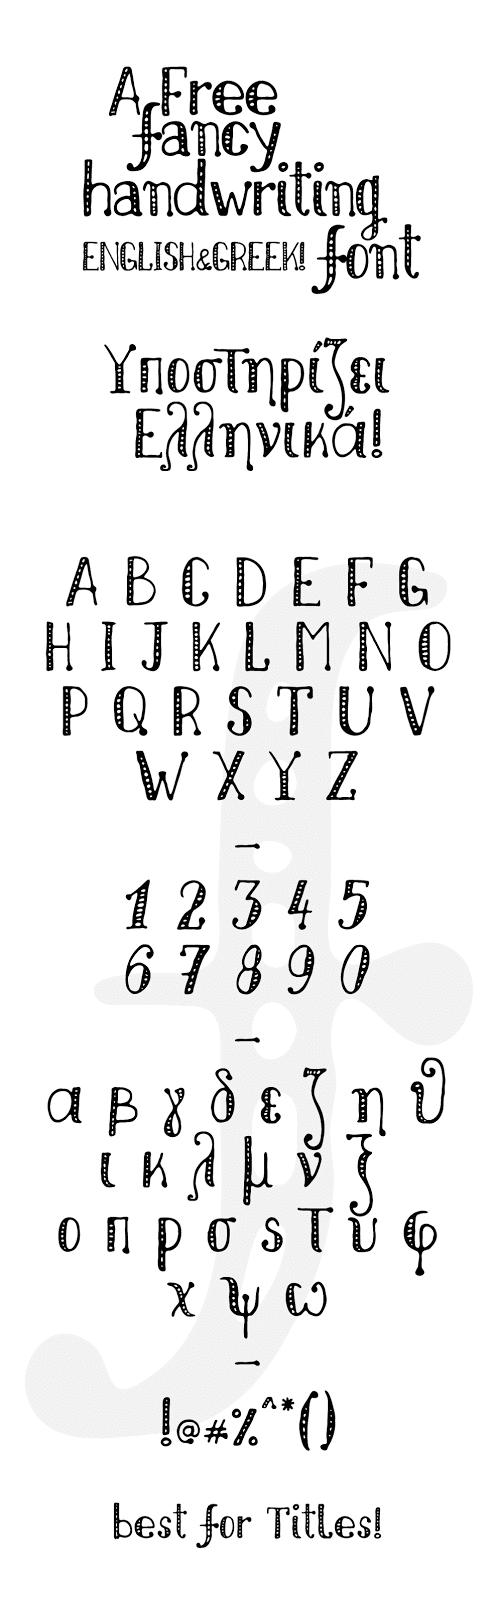 Δωρεάν Ελληνική γραμματοσειρά Nikolaidis Handwriting από τον γραφίστα Γιώργο Νικολαϊδη.